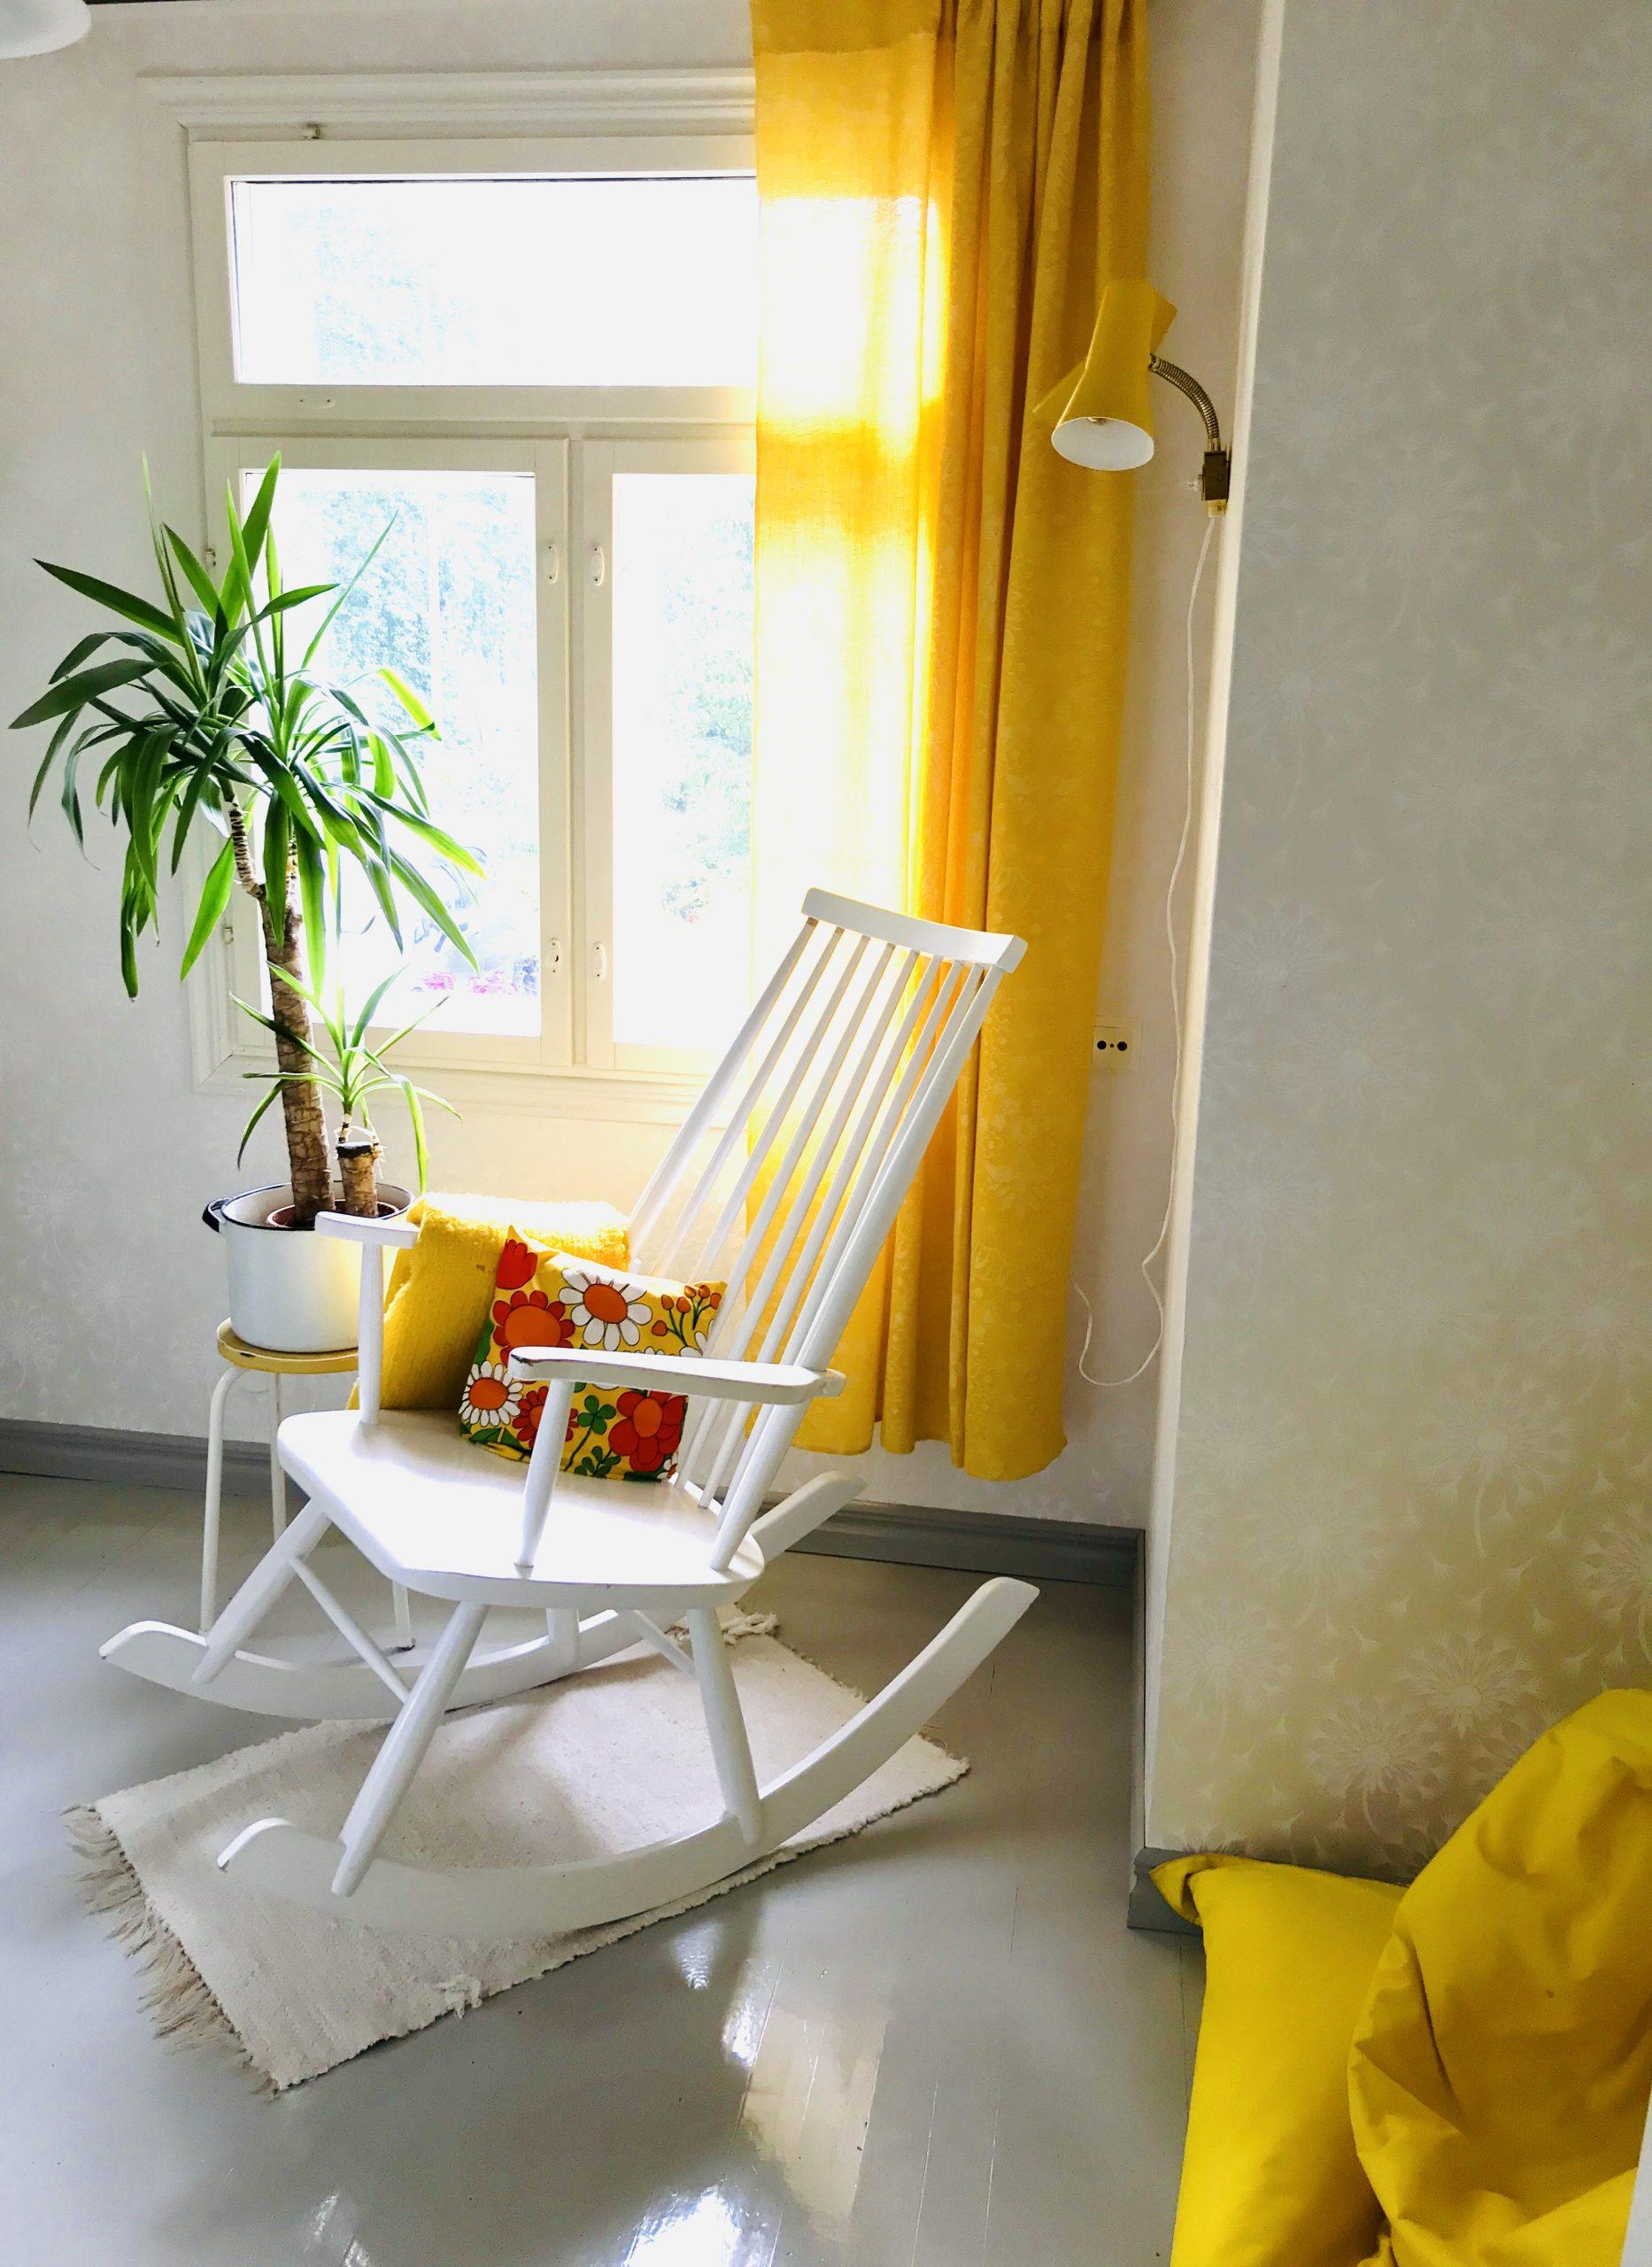 Elluyellow keltainen työhuone